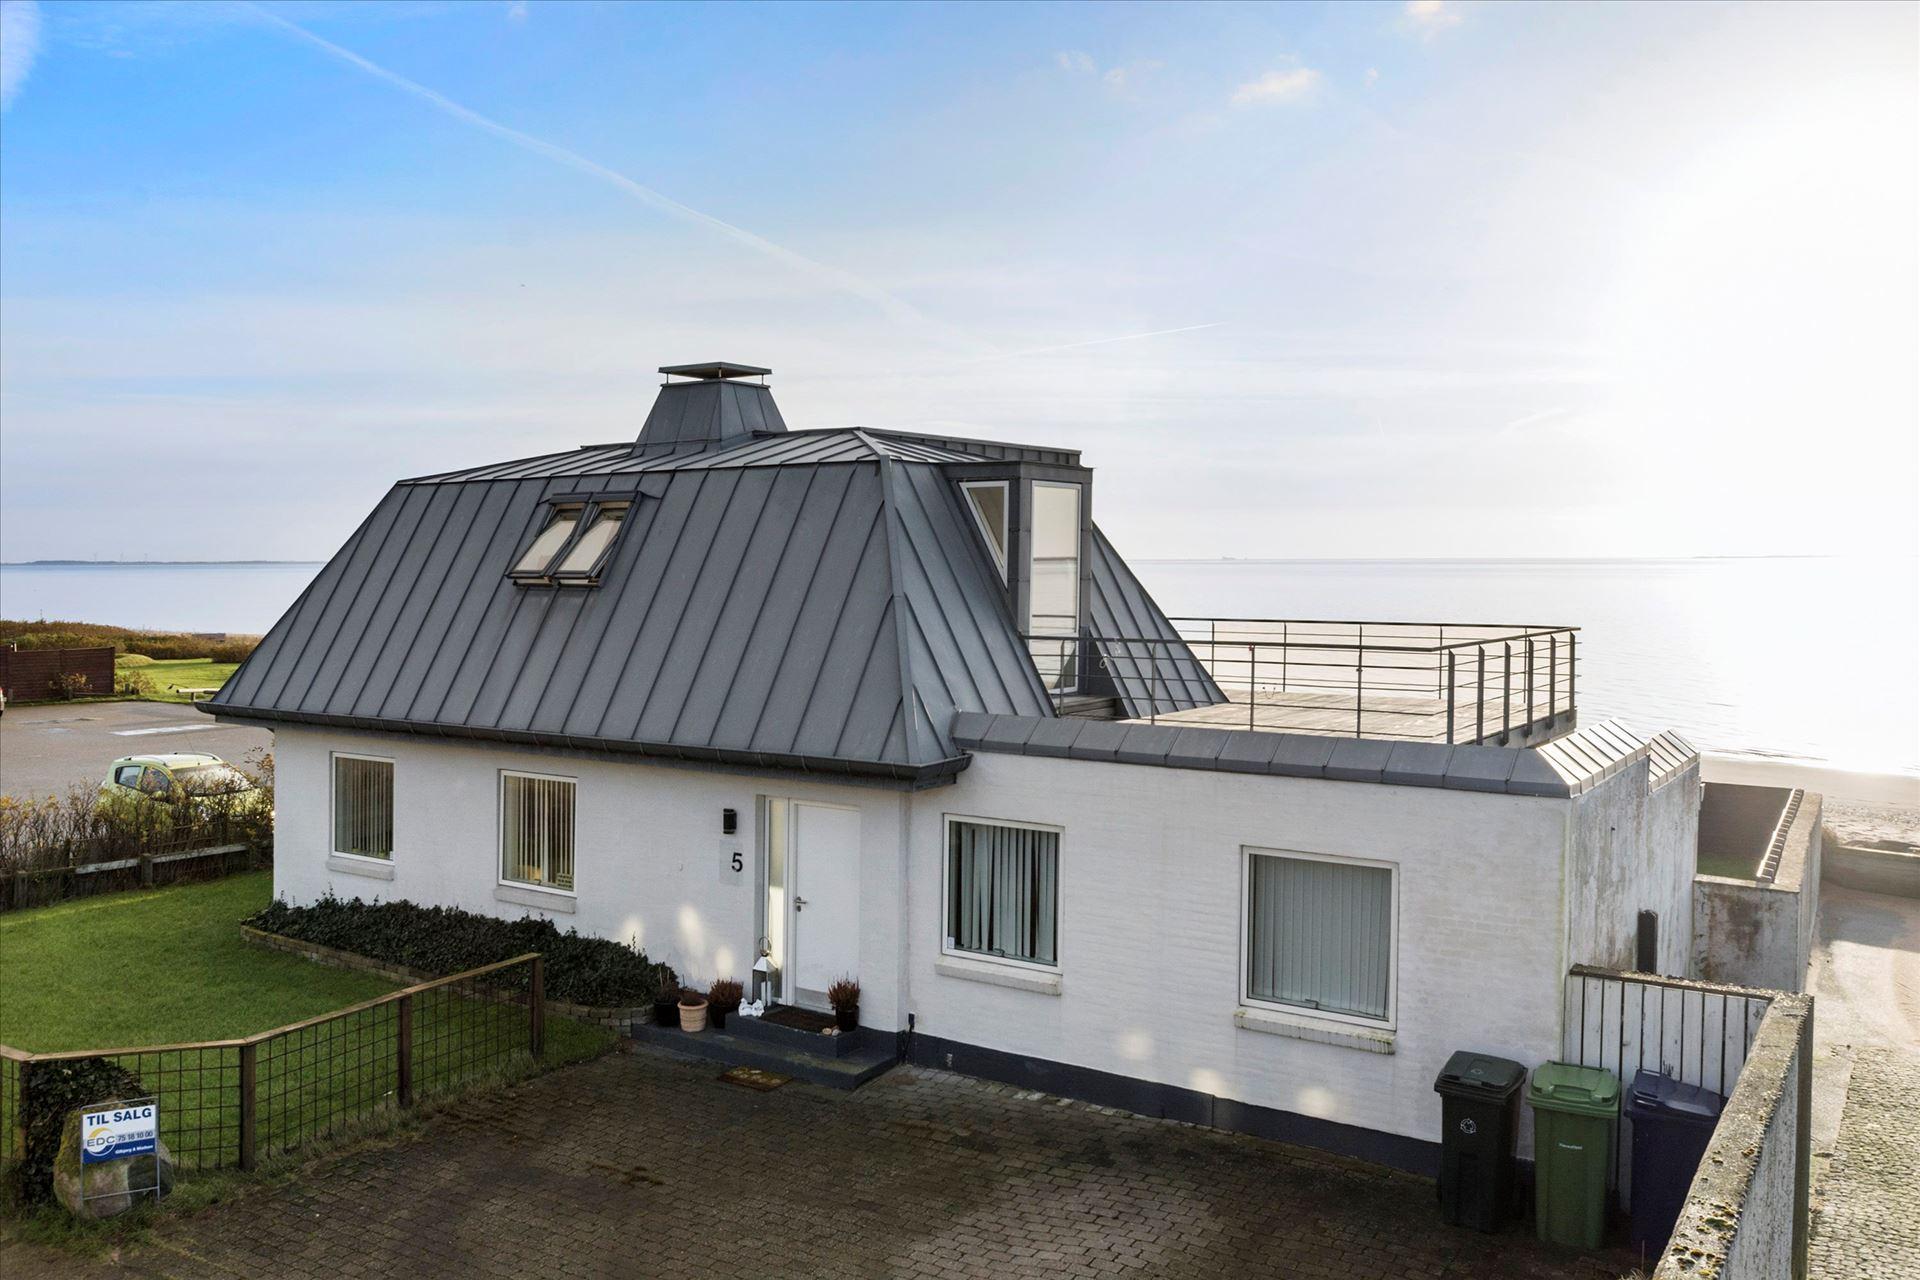 Villa til Salg - Hjerting strandvej 5, 6710 Esbjerg v